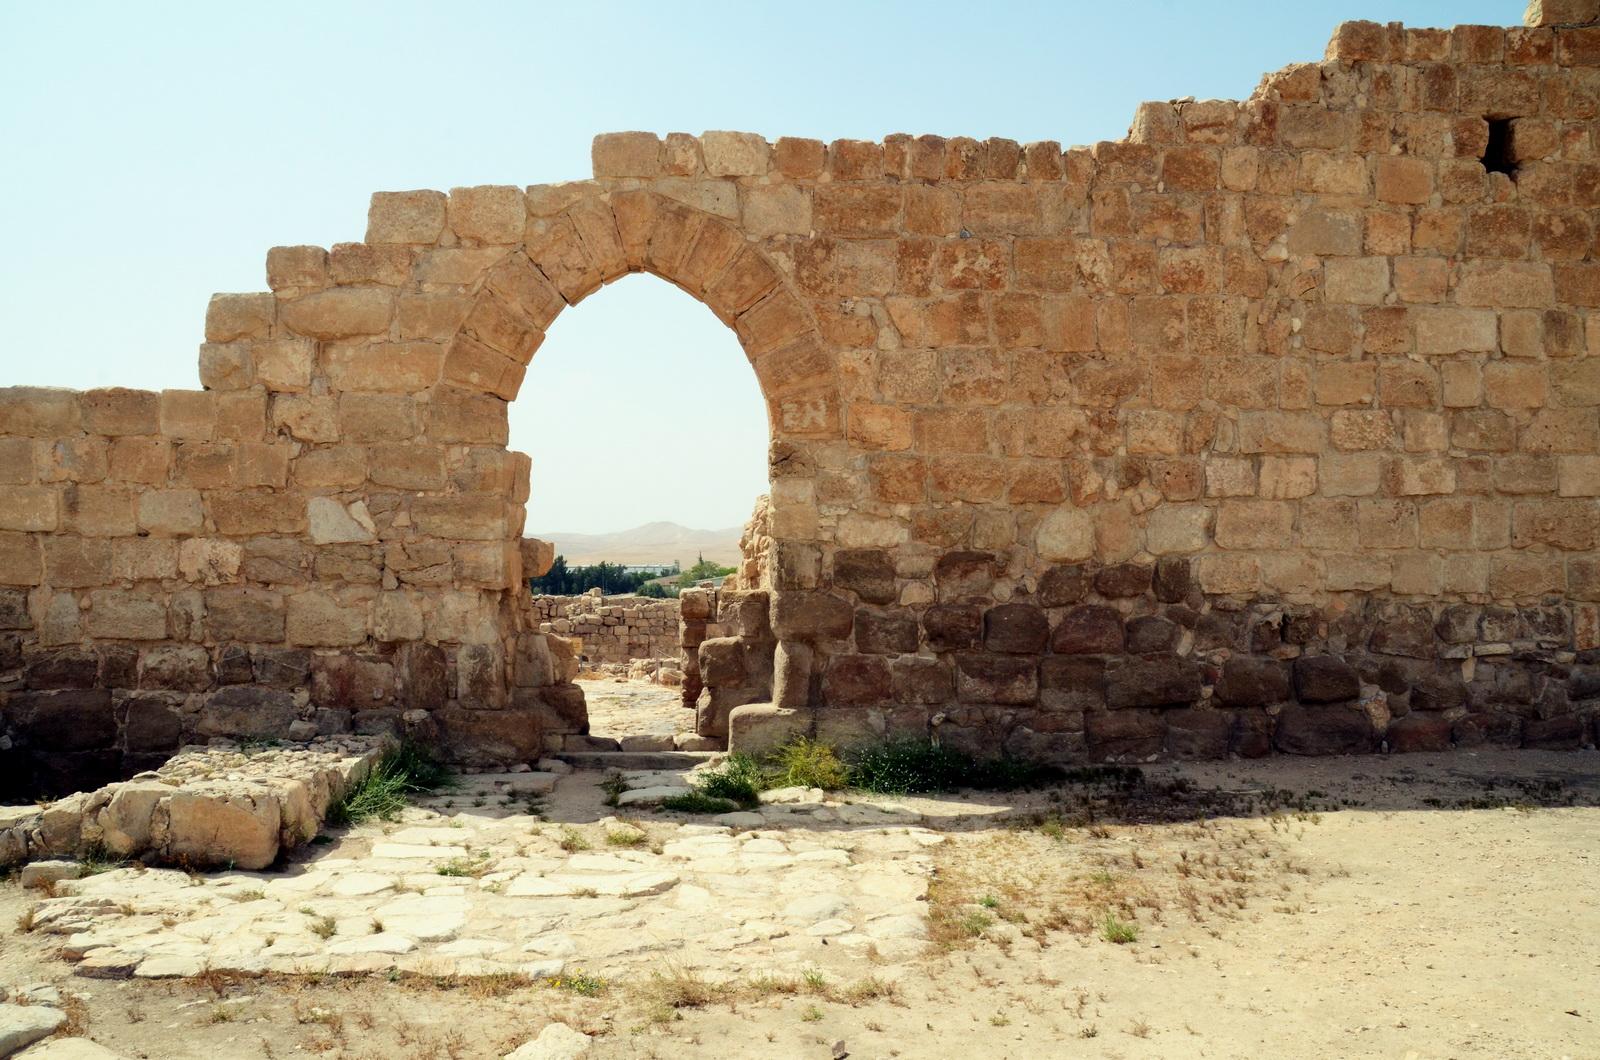 מעלה אדומים - מנזר אווטימוס